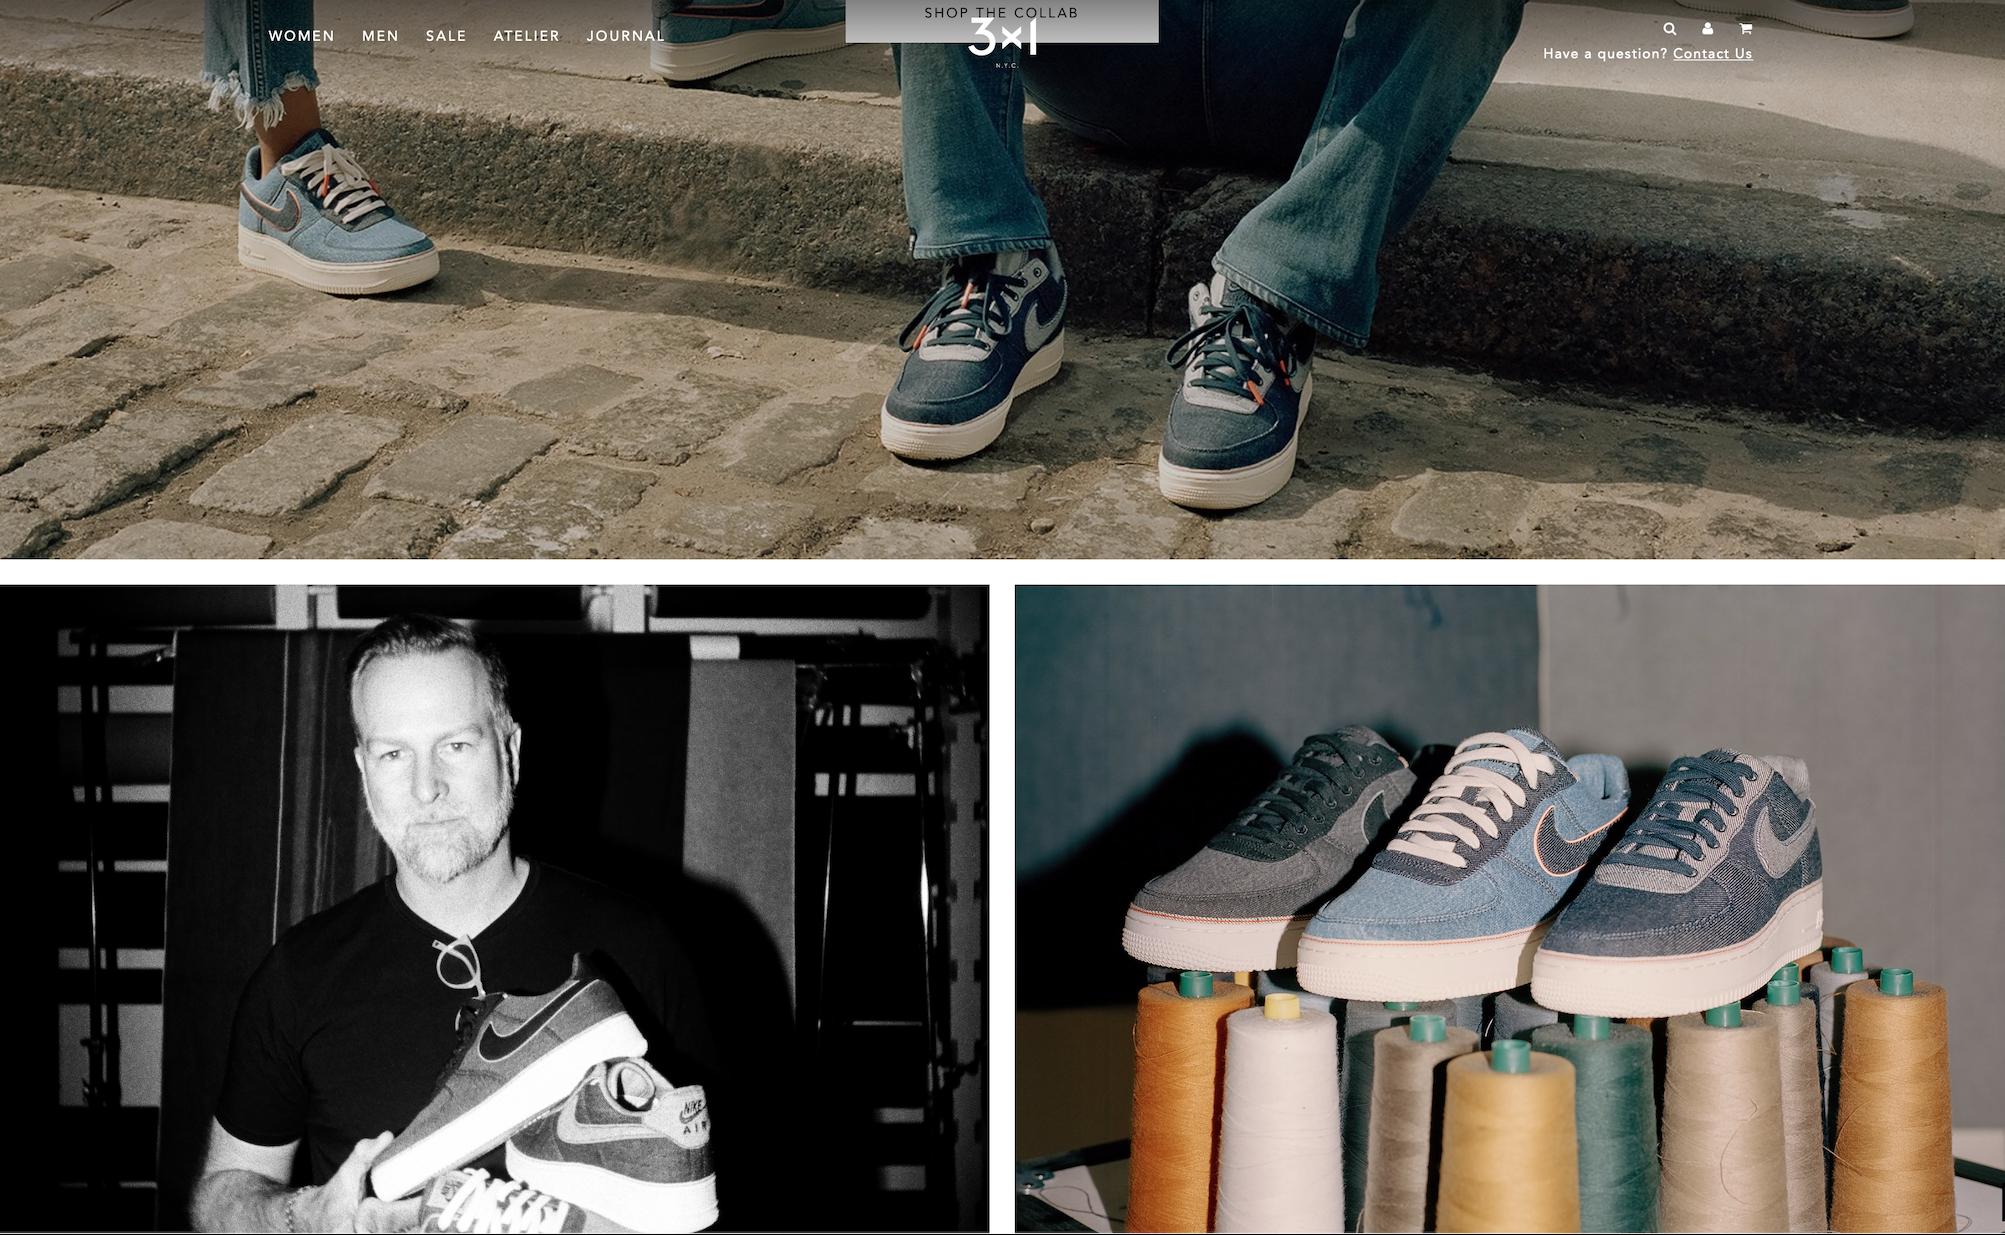 一条牛仔裤卖1200美元!NBA巨星追捧的纽约高端牛仔品牌 3×1 成为 Nike 的联名合作伙伴